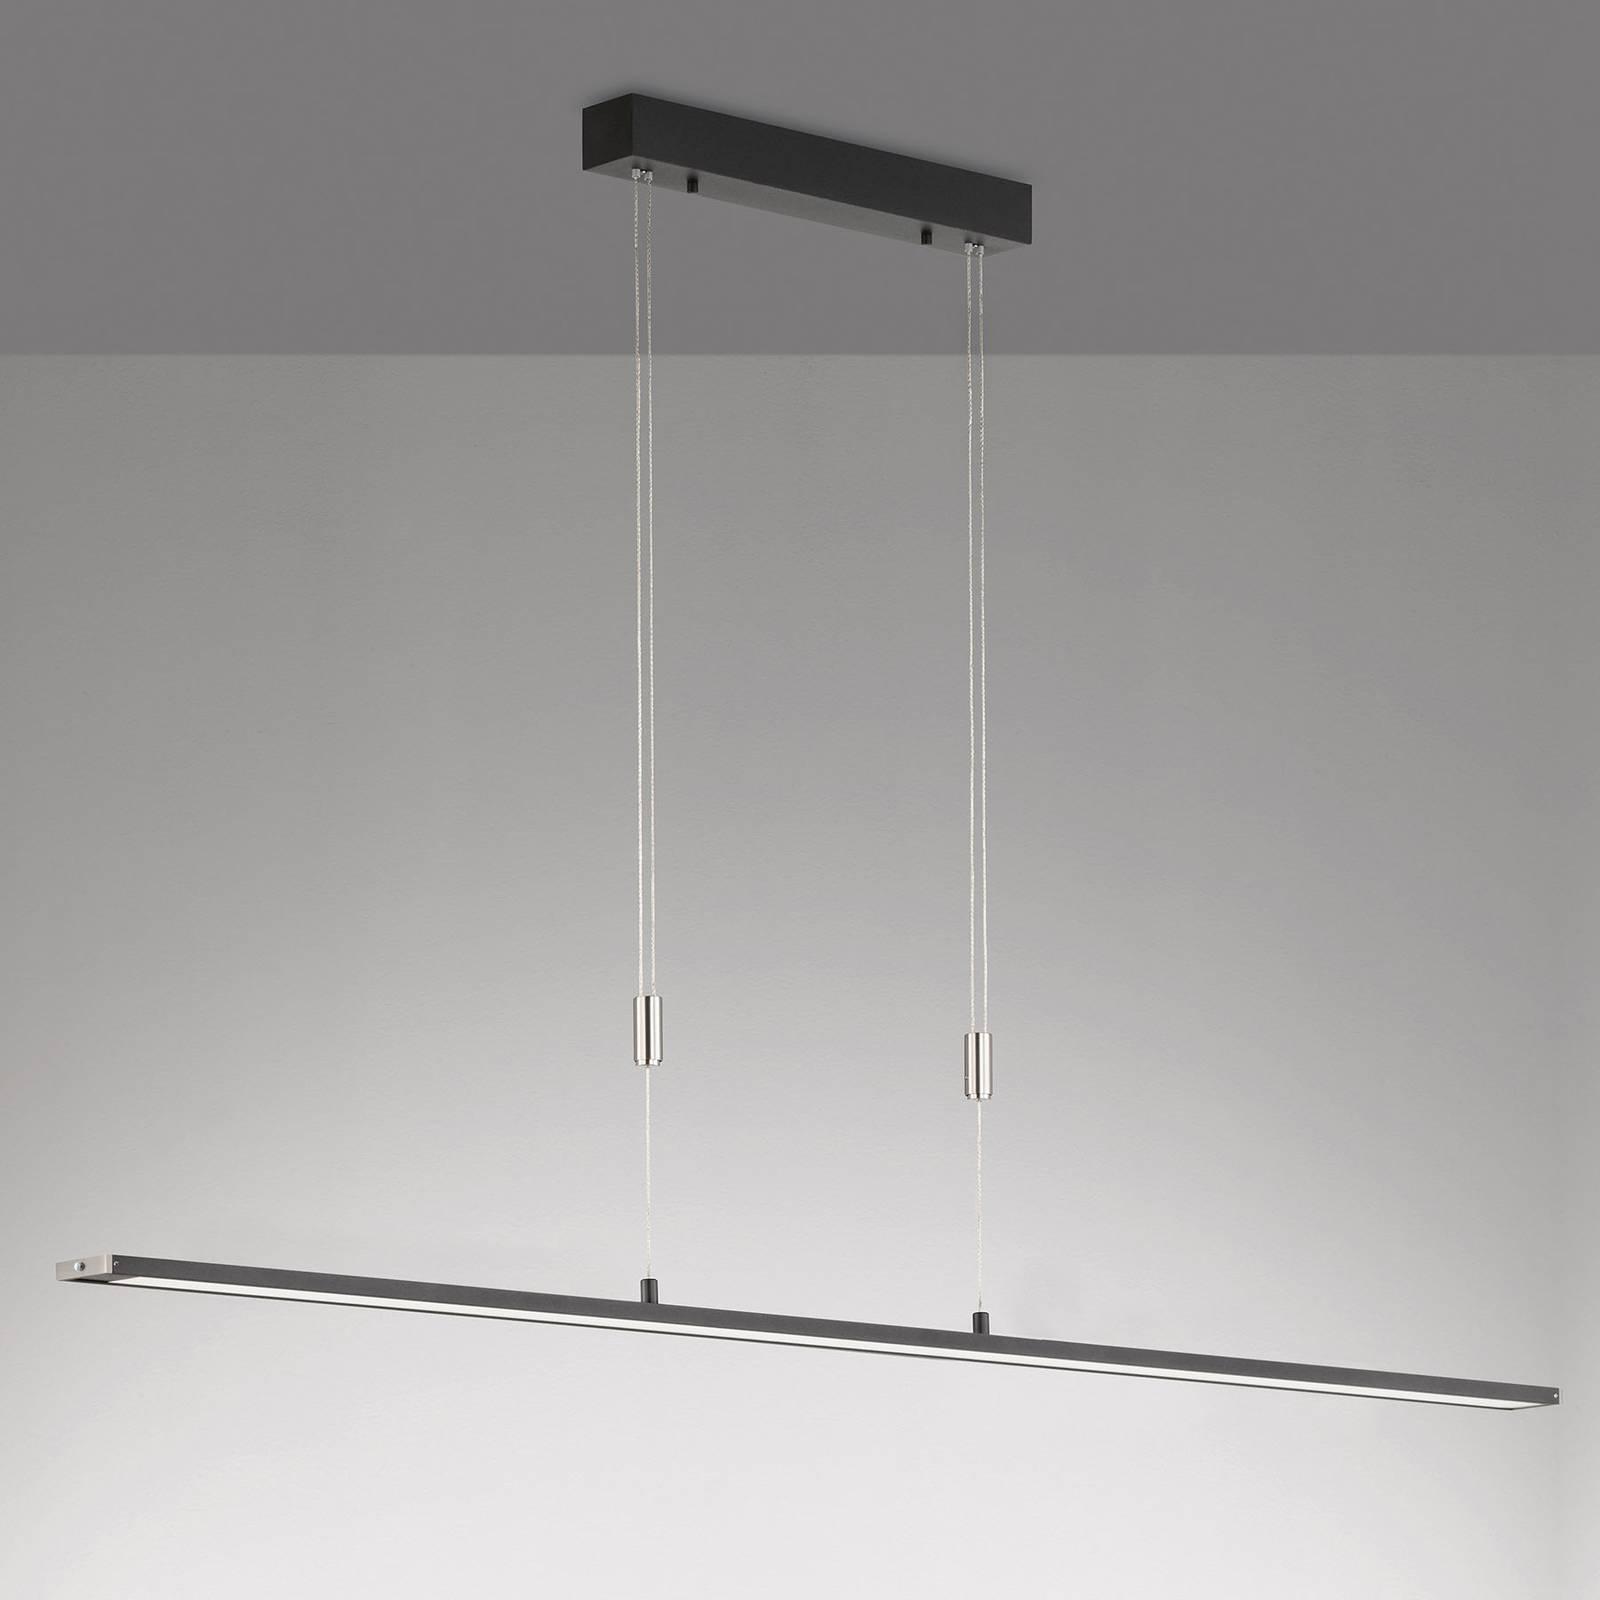 LED-riippuvalaisin Metz TW, CCT, P 160 cm, musta